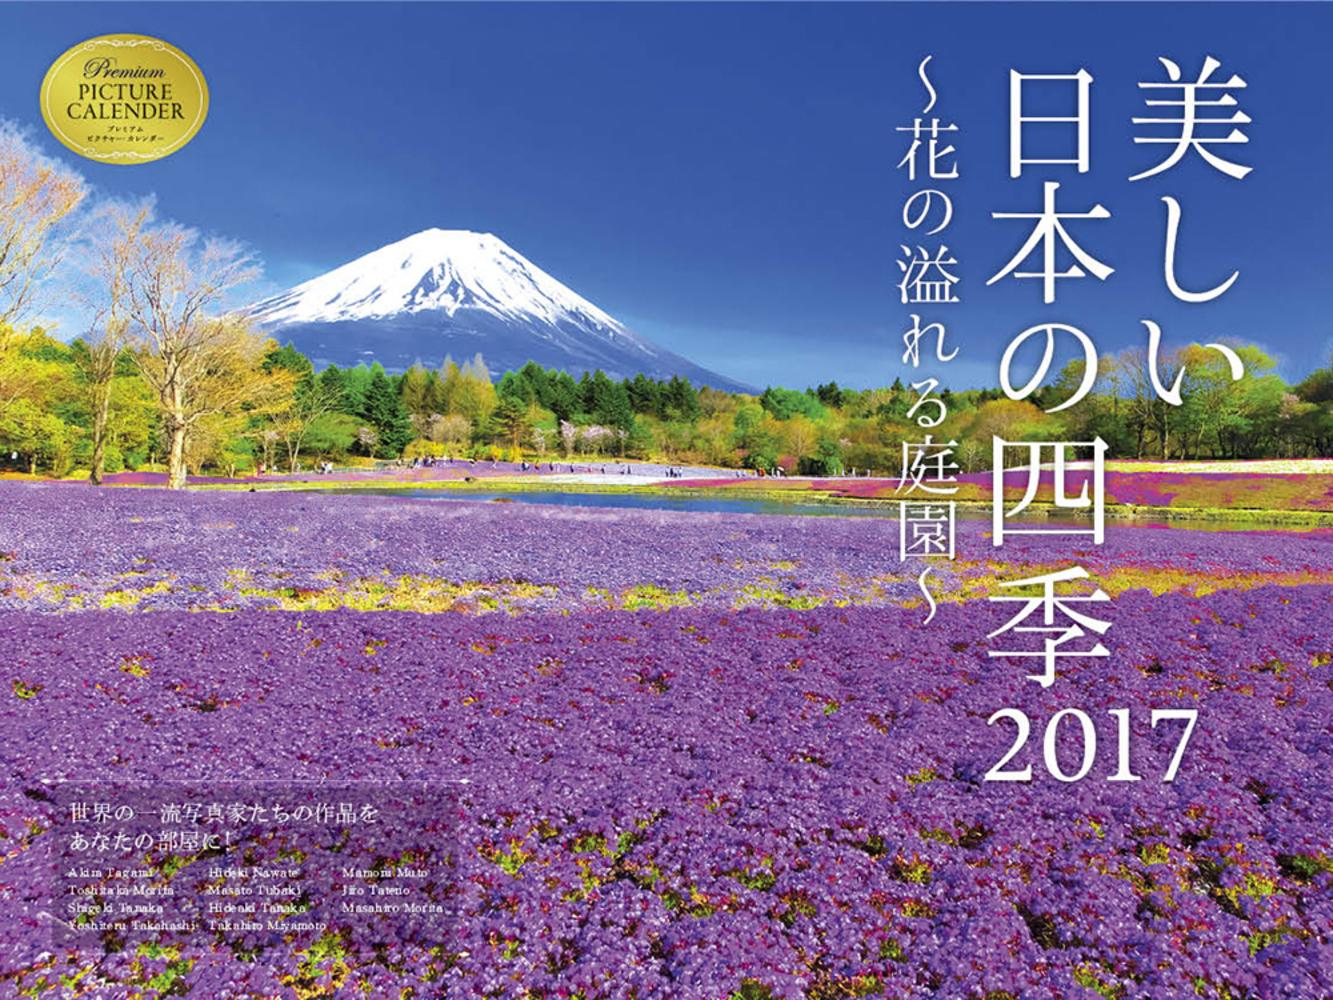 2017 美しい日本の四季 〜花の溢れる庭園〜 カレンダー